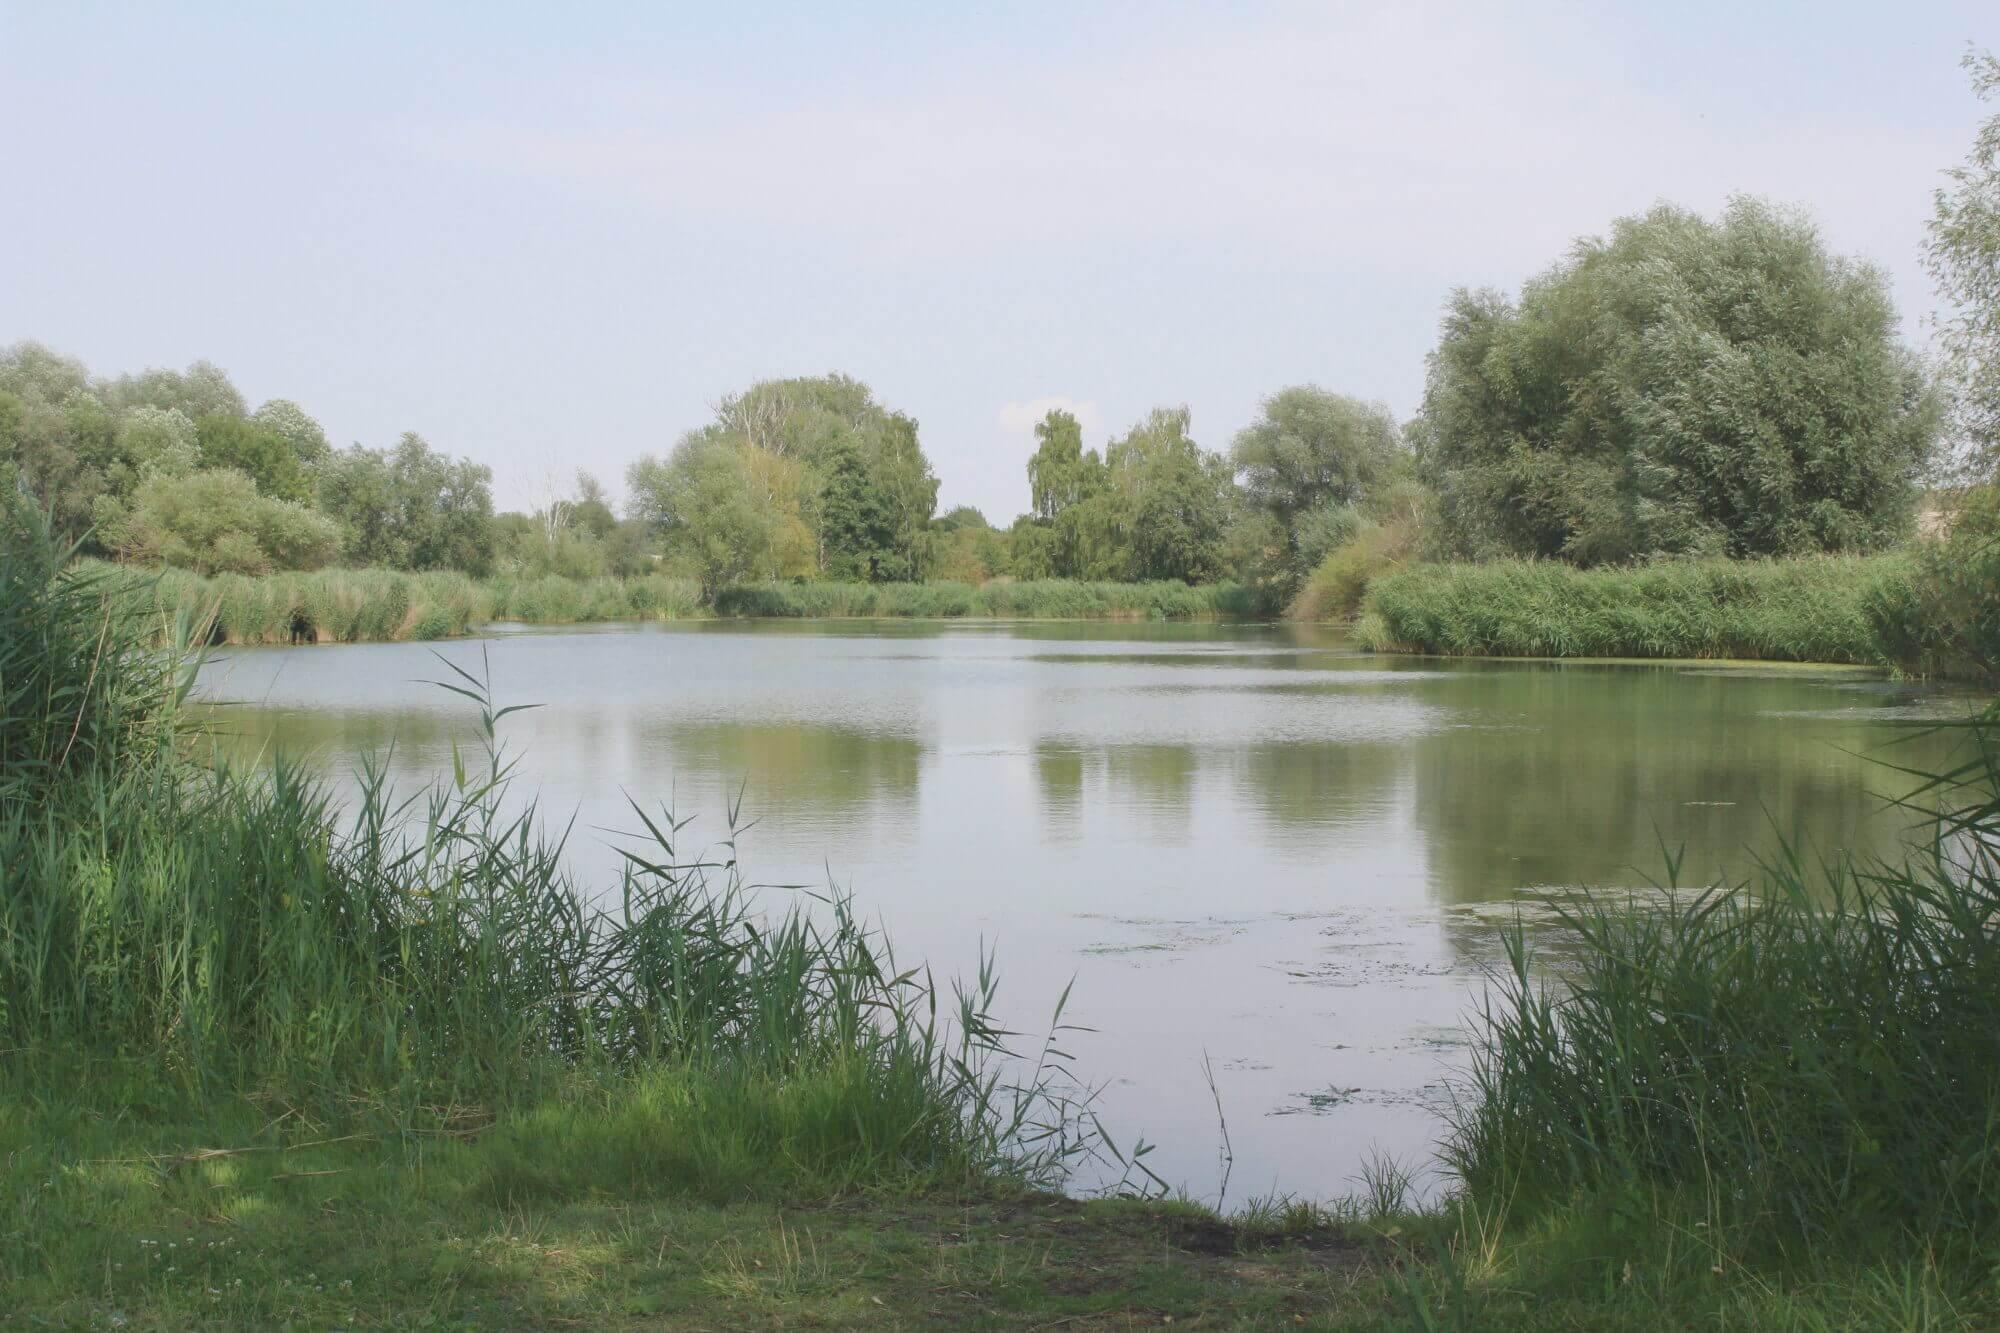 Opfermoor Voigt in der Welterberegion Wartburg-Hainich in Thürignen